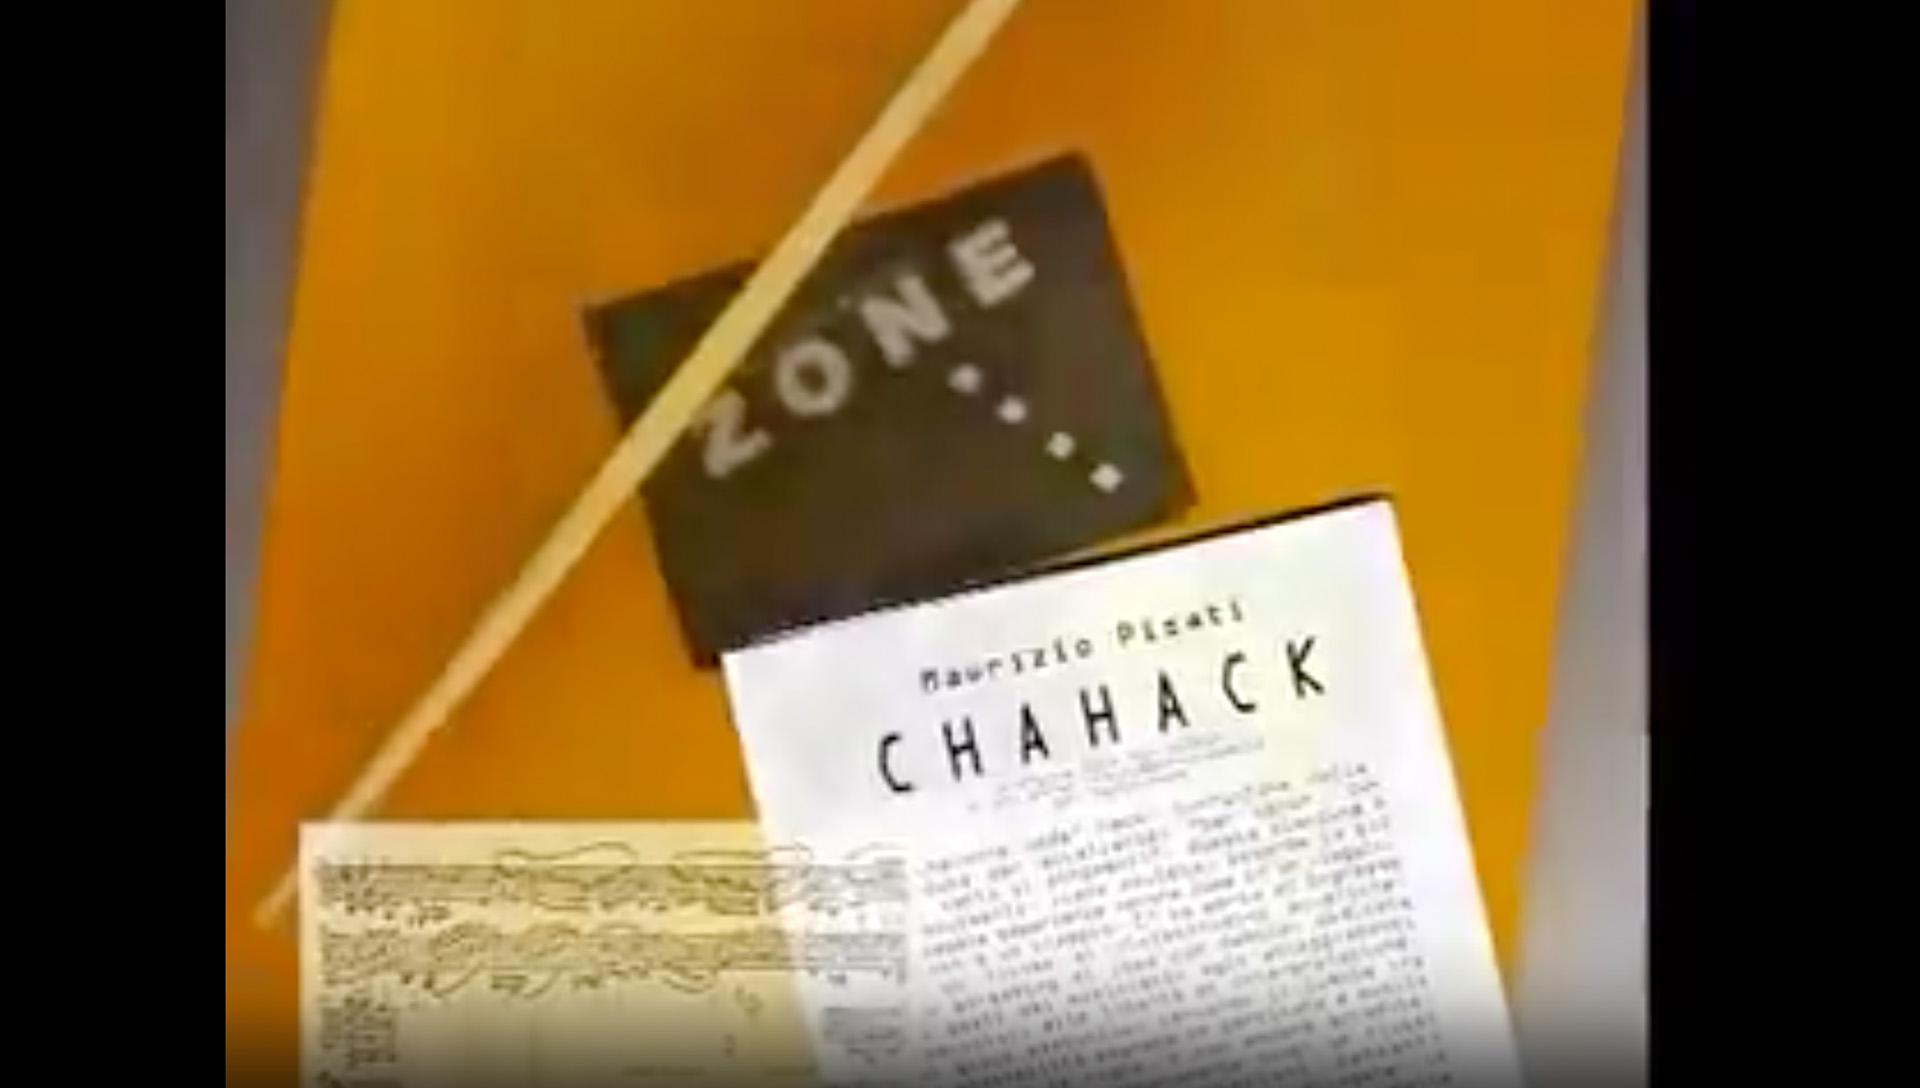 Maurizio Pisati: Clip video su Chahack